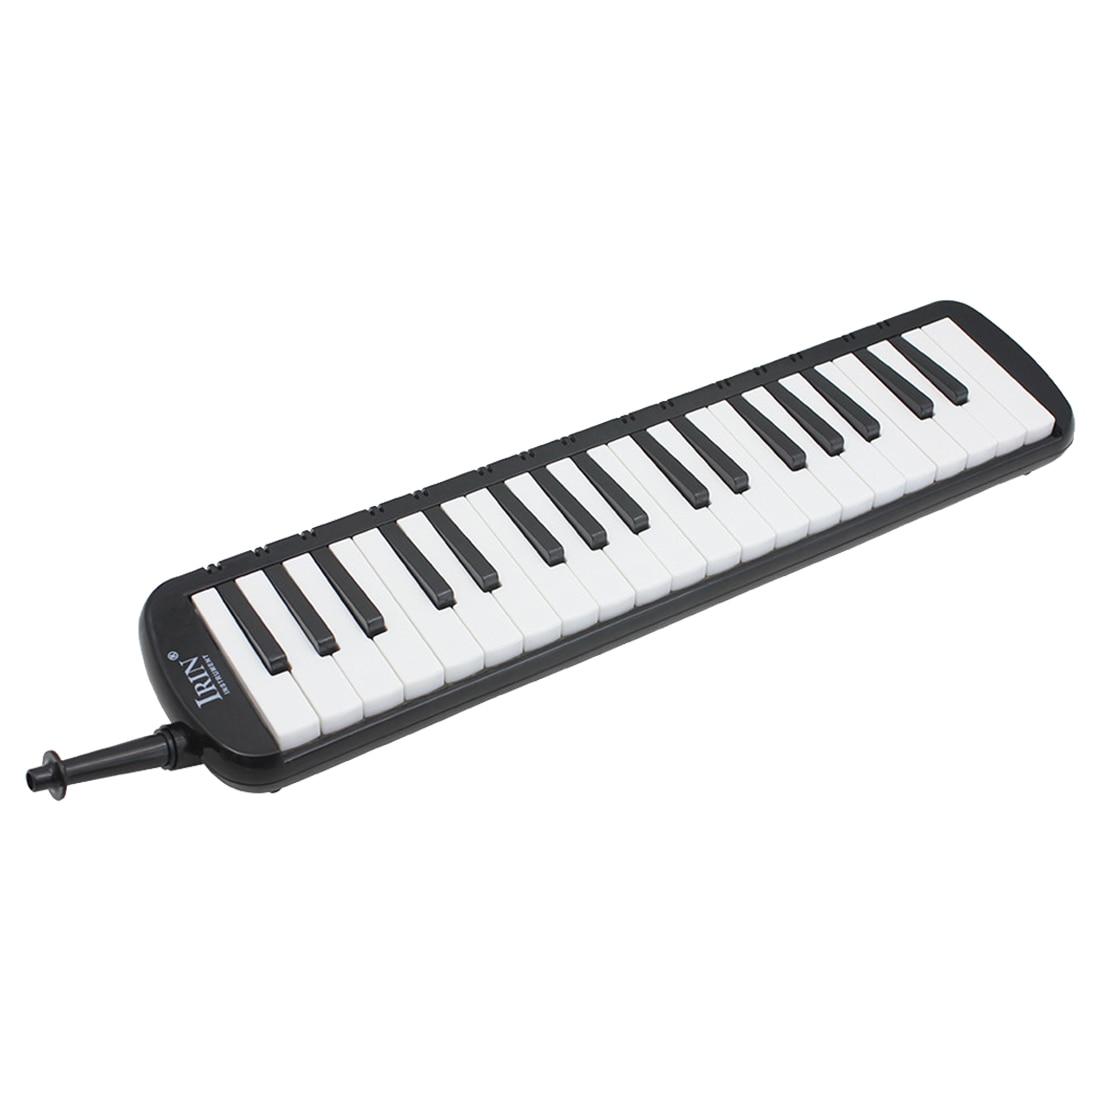 SYDS IRIN Nero 37 Tasti di Pianoforte Melodica Pianica w/Borsa Per Gli Studenti Nuovo